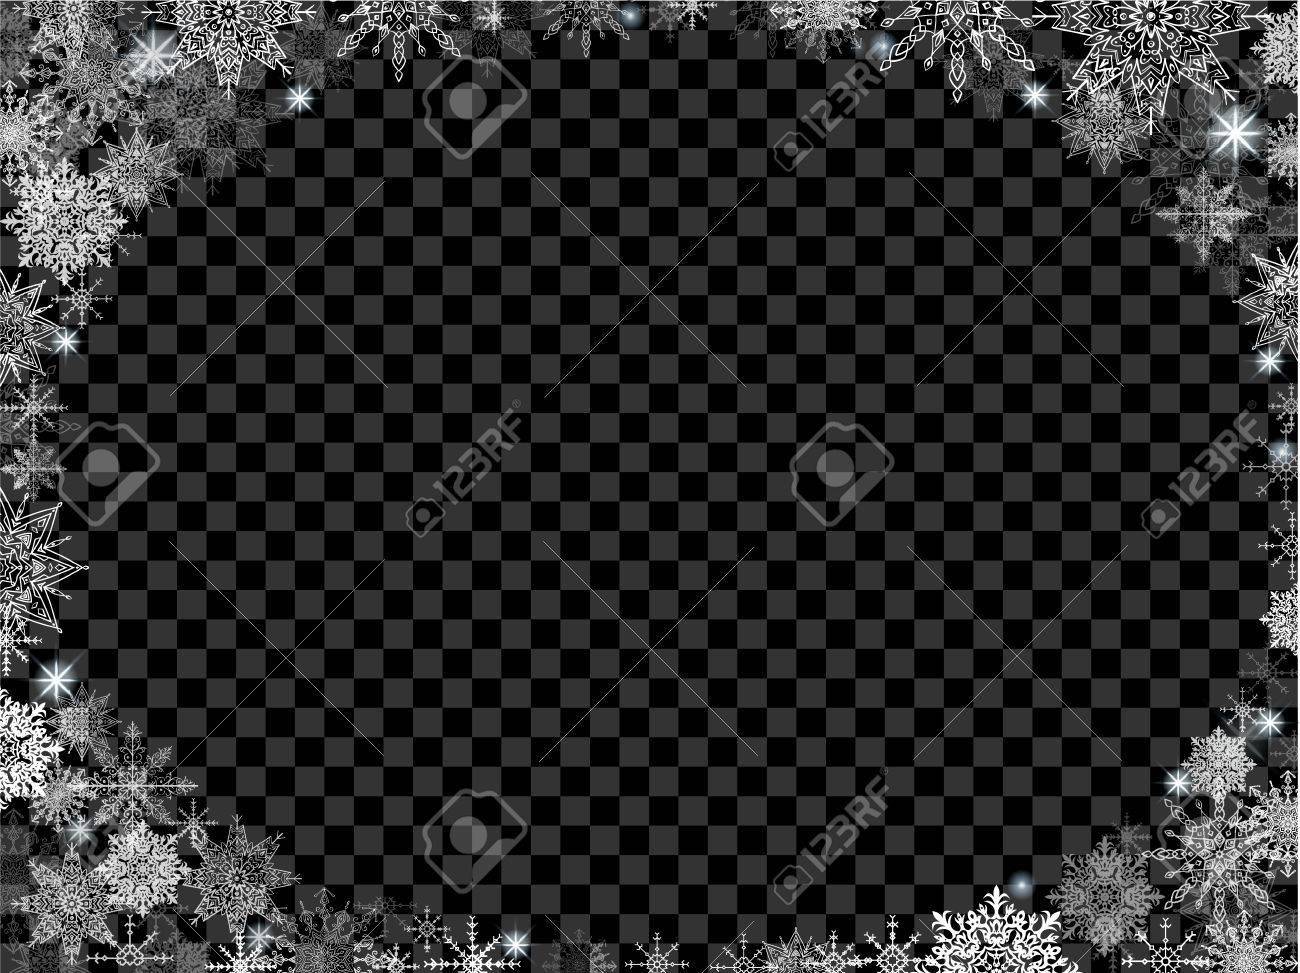 Fabelhafte Weihnachten Hintergrund Mit Transparenten Basis Und Viele ...